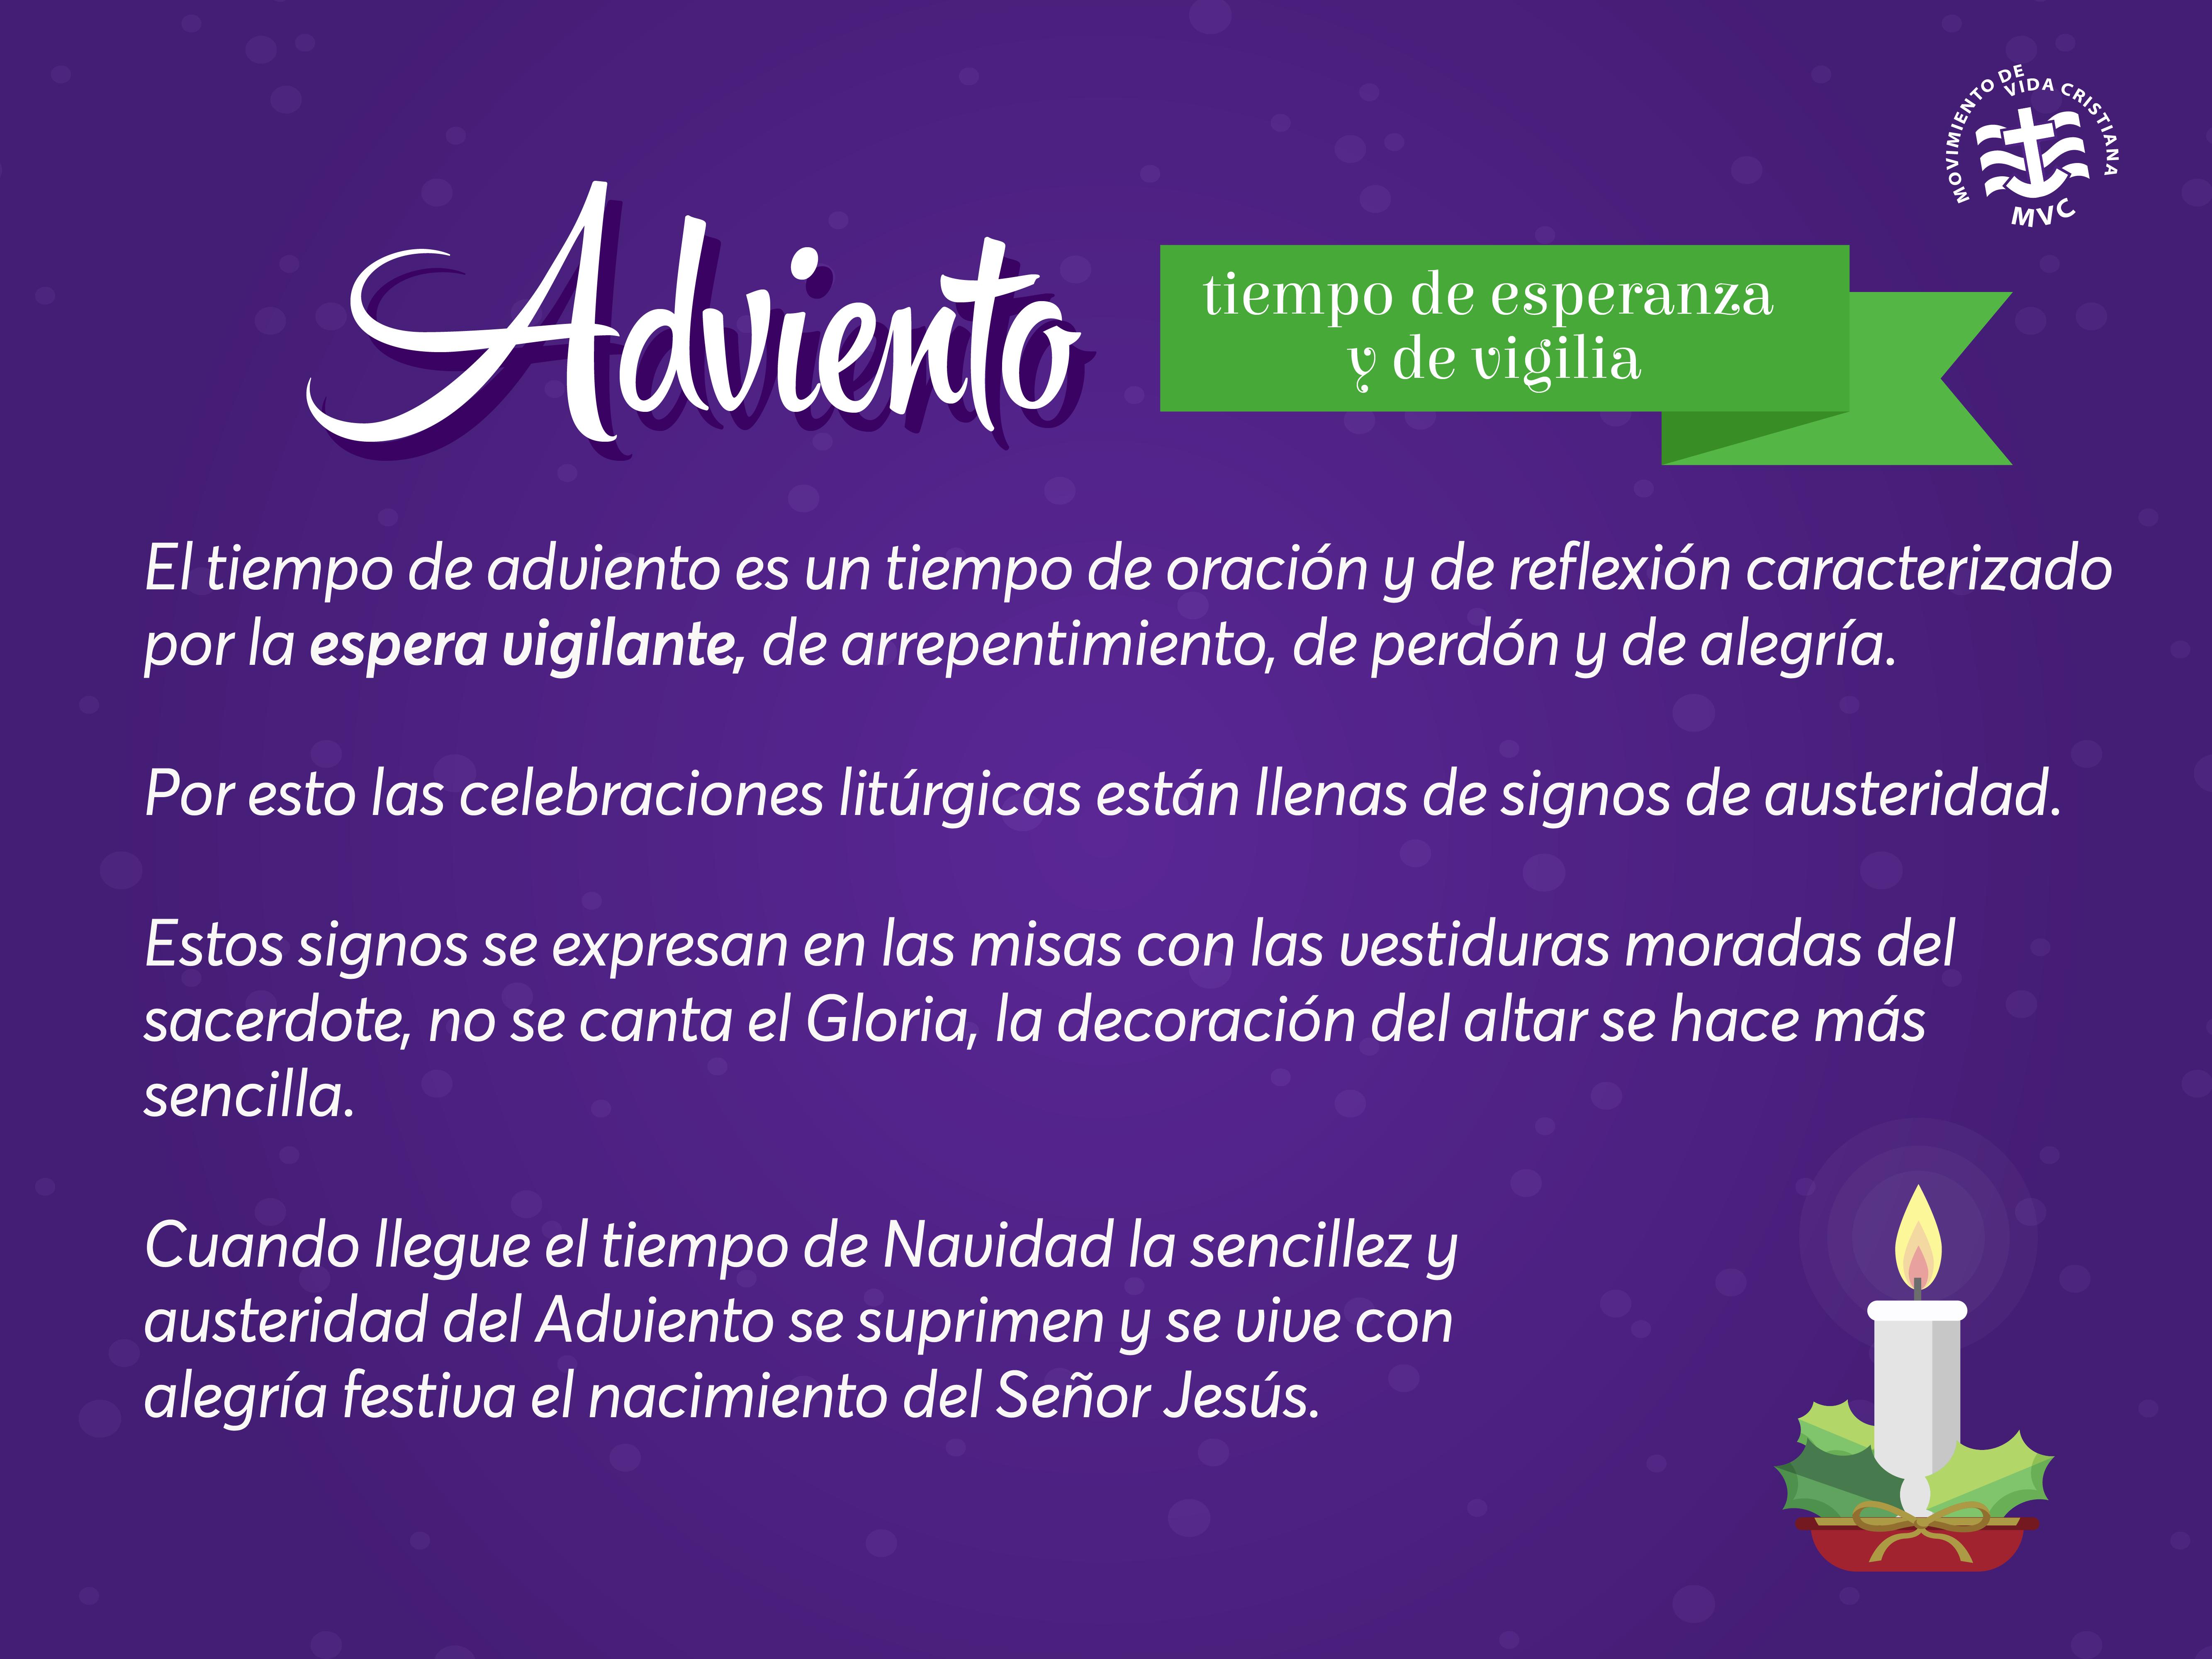 Adviento y navidad 16 mvc - Velas adviento ...